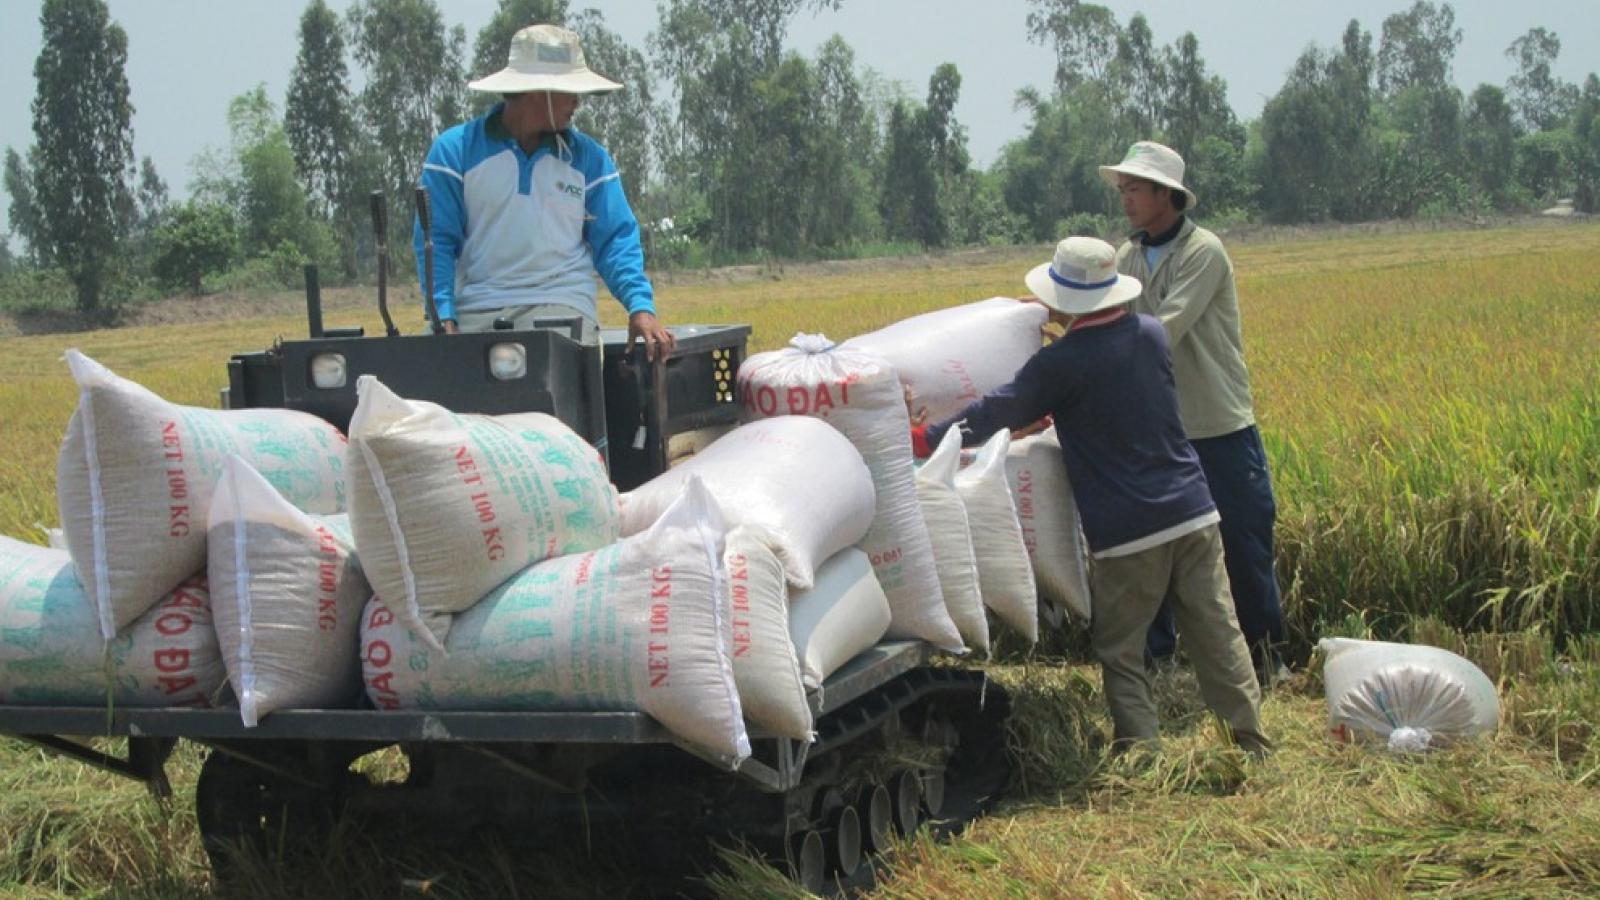 Giá lúa tăng cao, doanh nghiệp ngại thu mua